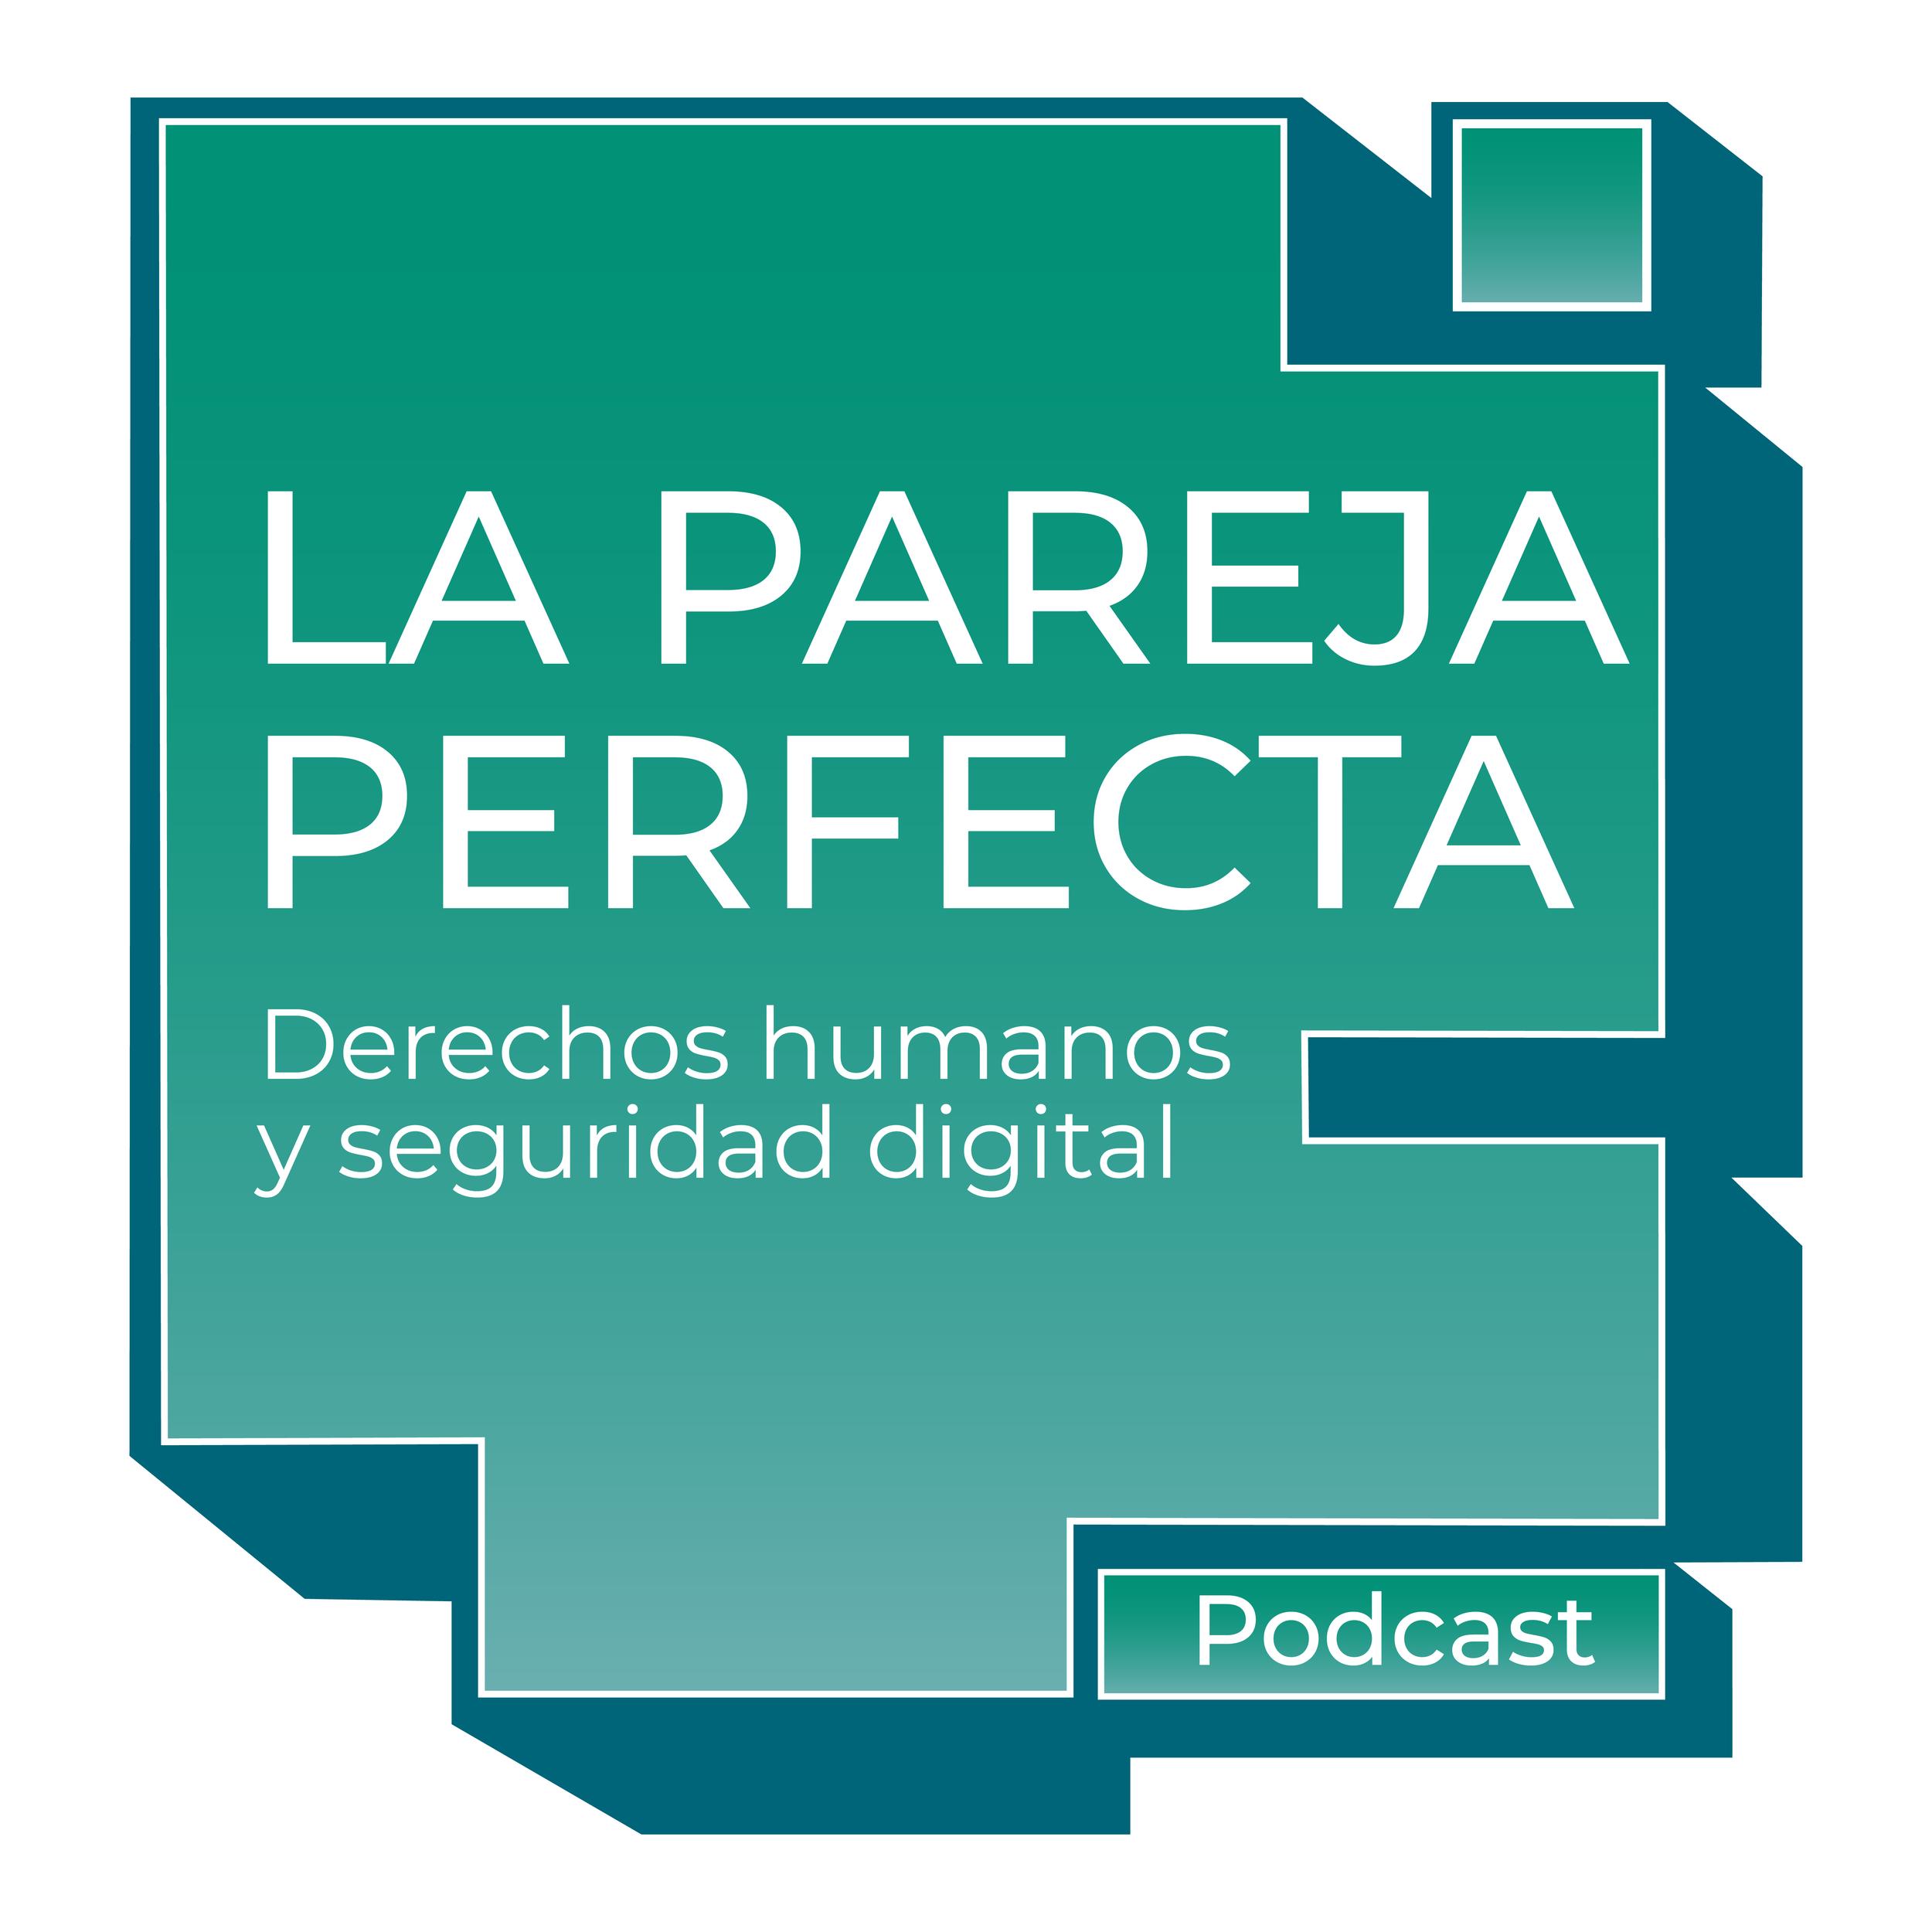 podcast-la-pareja-perfecta